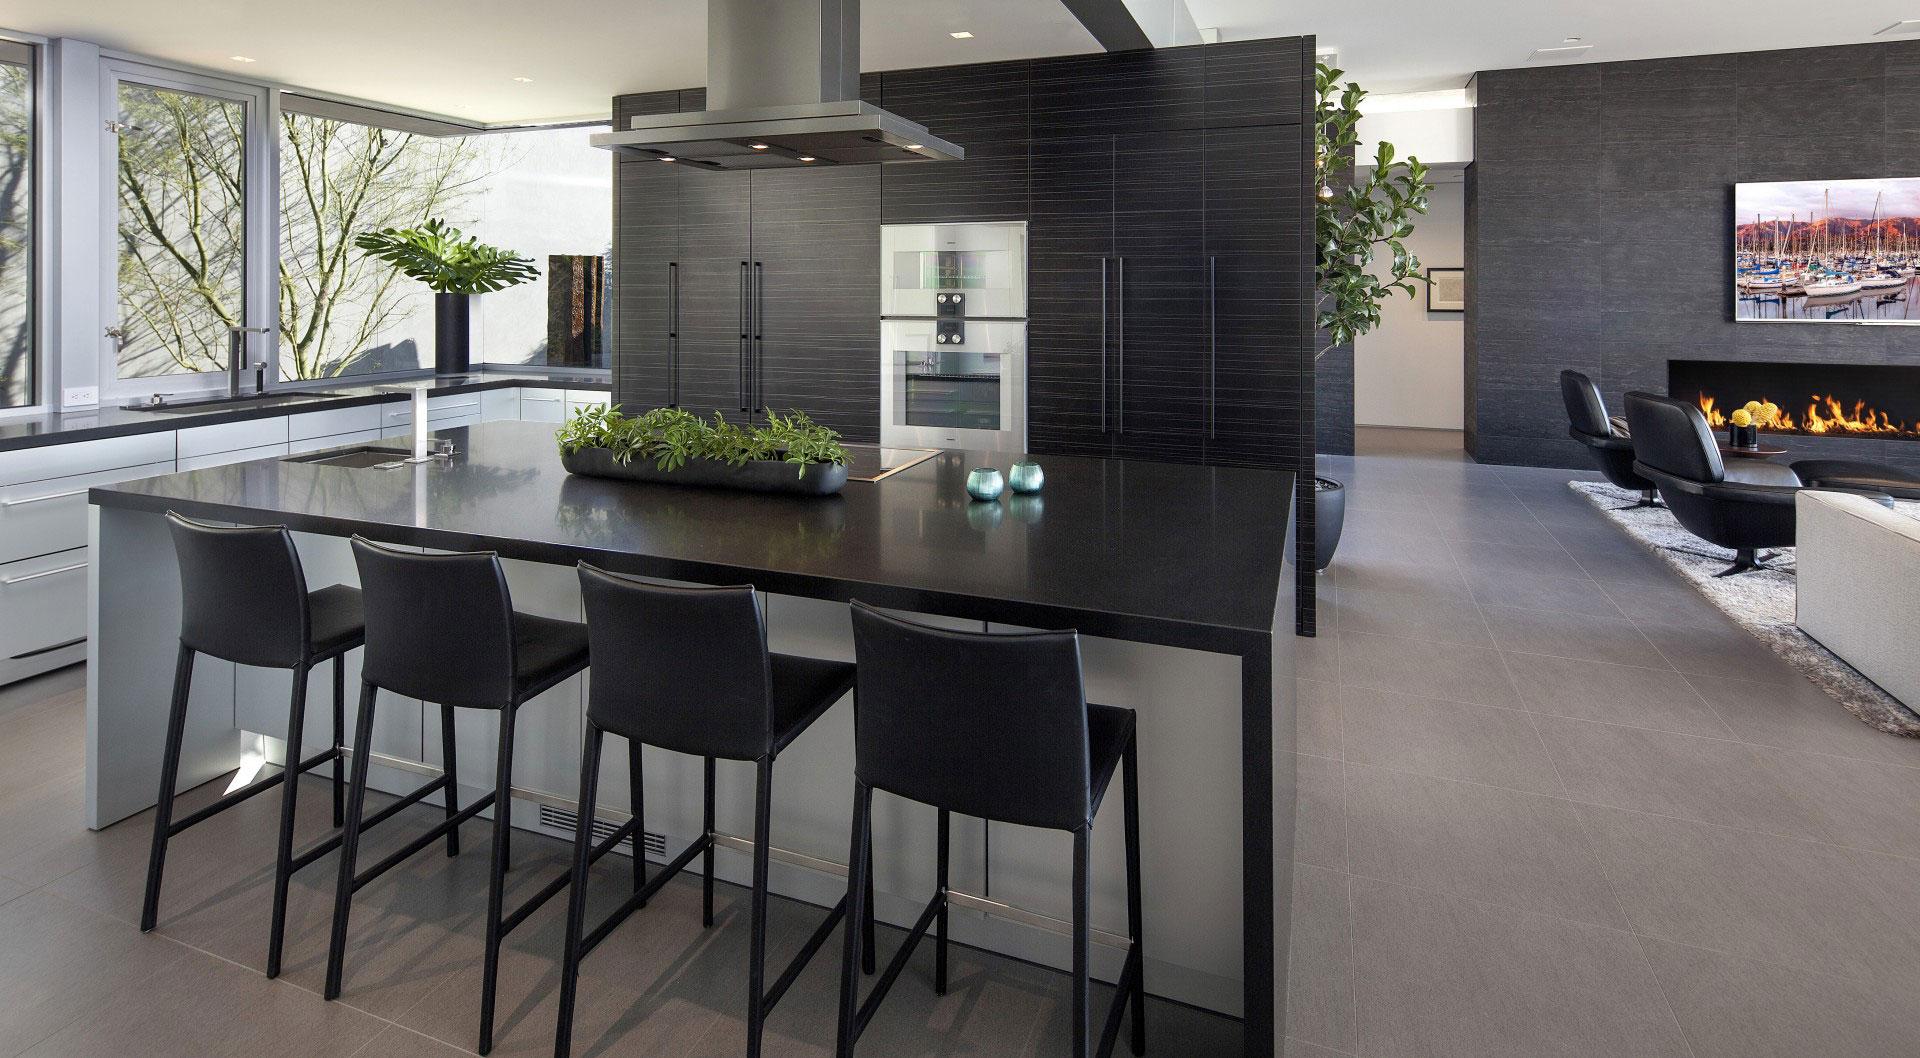 Ellis residence by mcclean design homedezen - Cuisine maison de famille ...